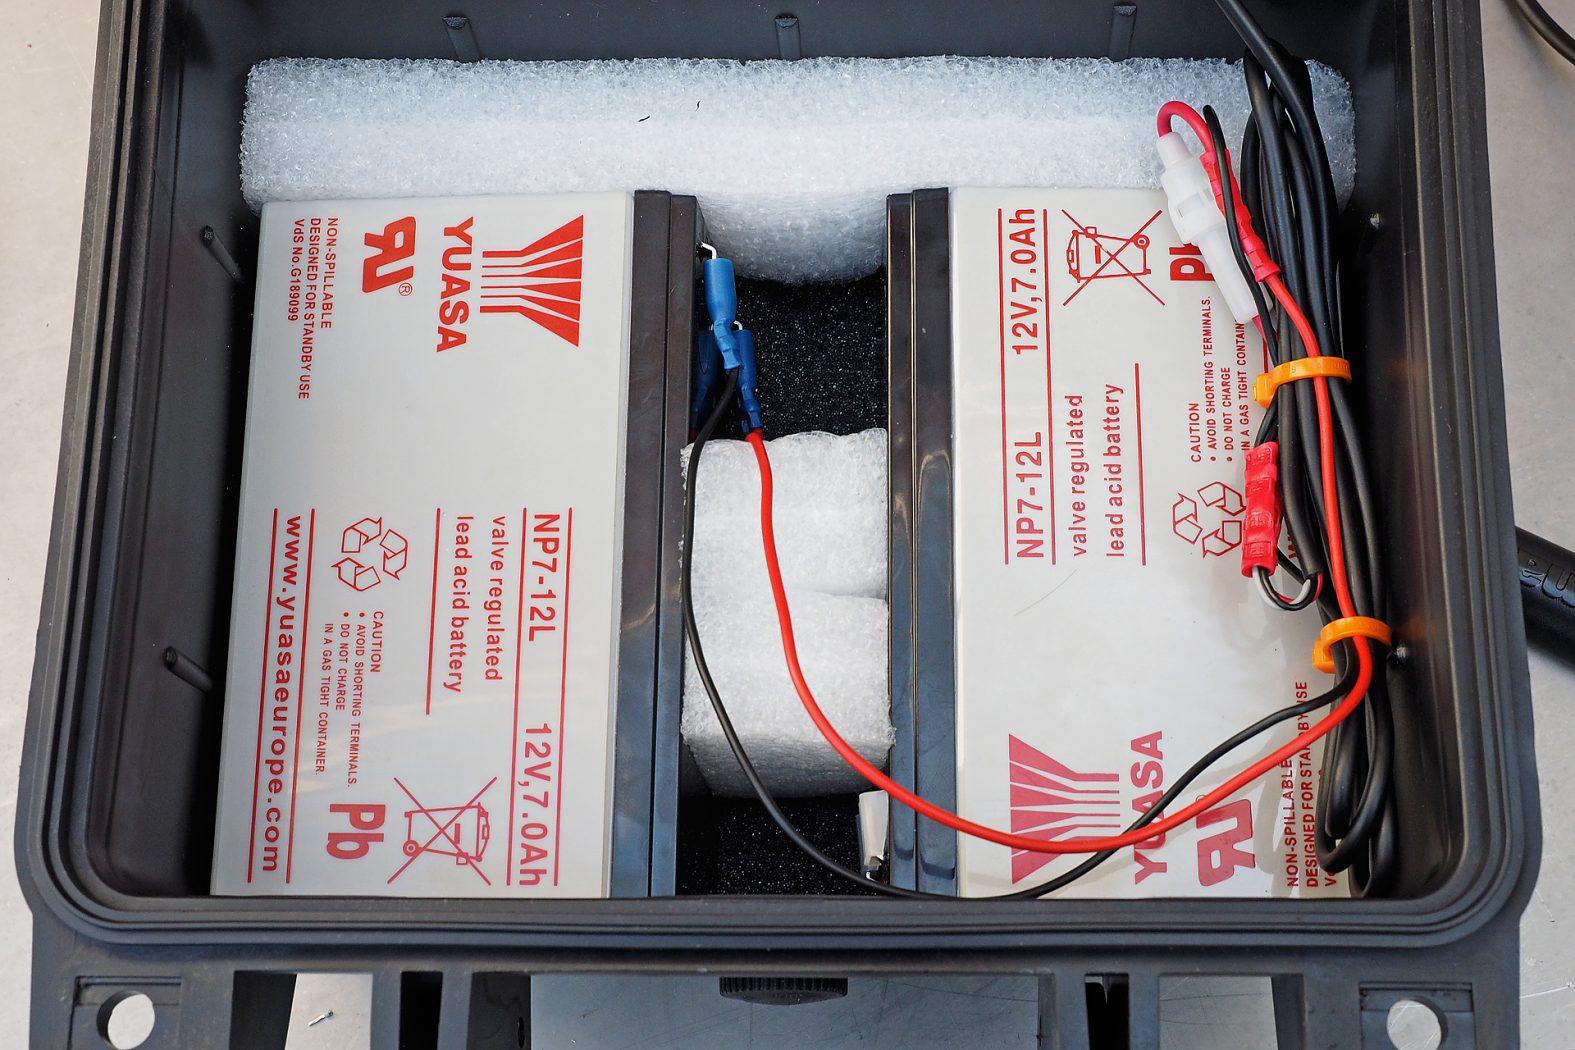 Stromanschluss für Echolot